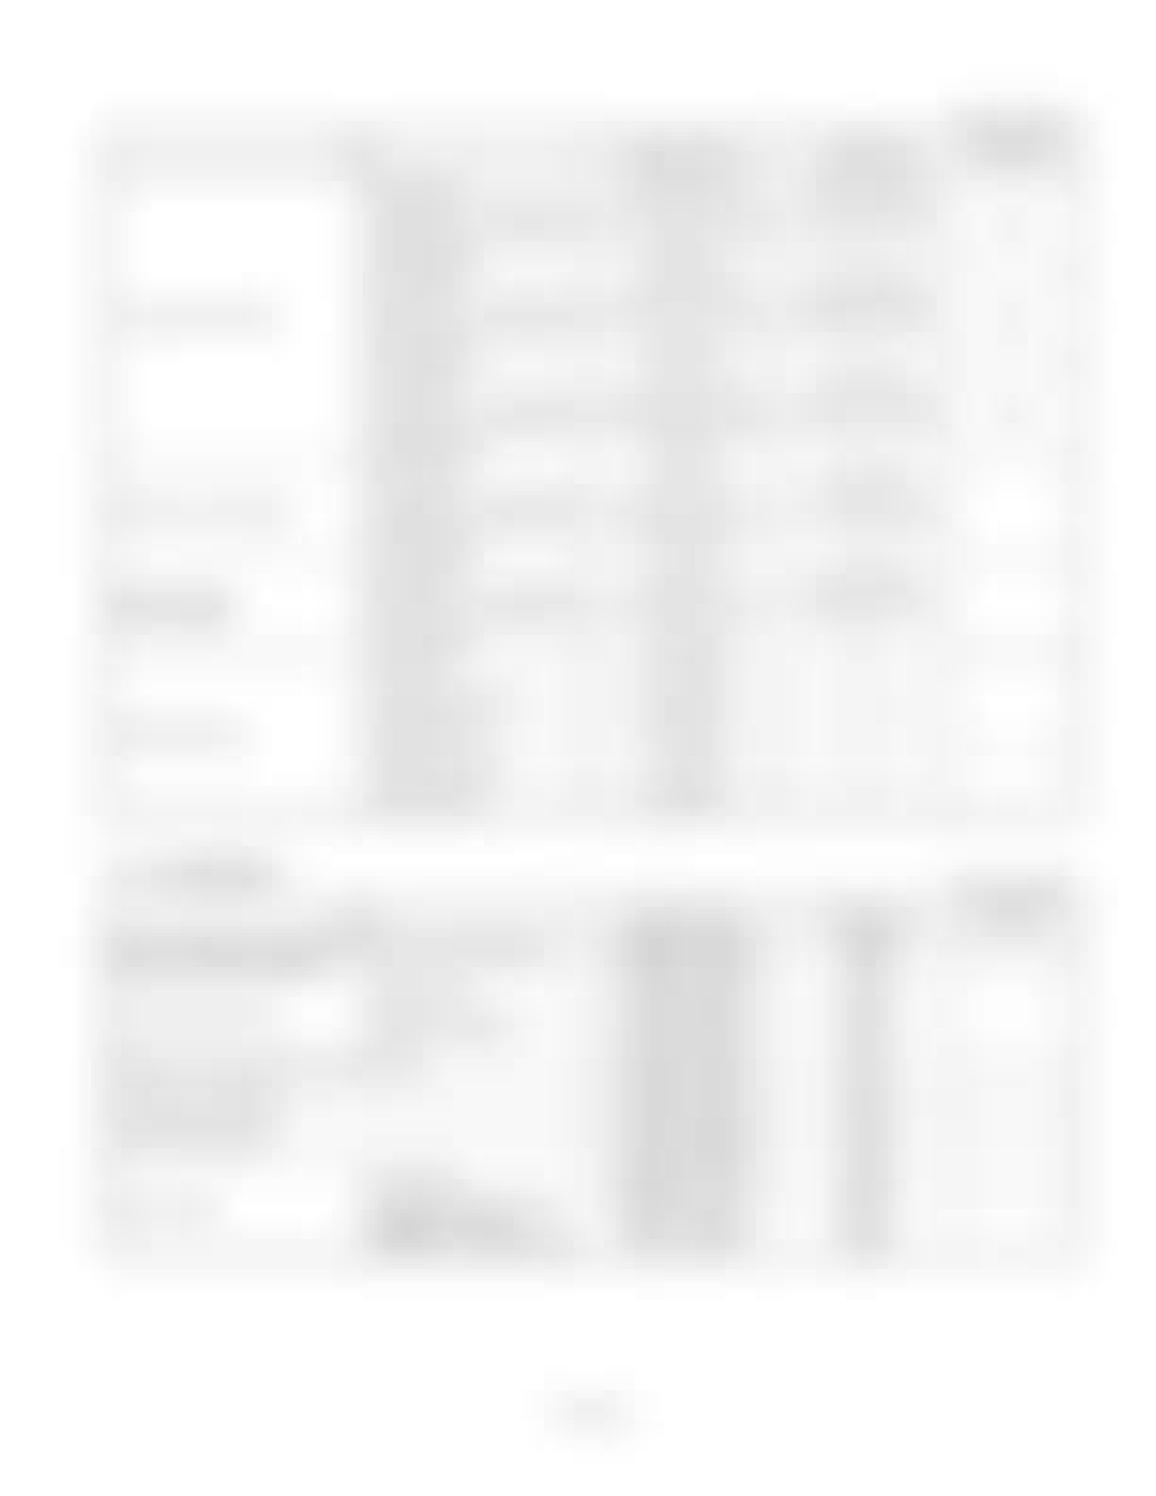 Hitachi LX110-7 LX130-7 LX160-7 LX190-7 LX230-7 Wheel Loader Workshop Manual - PDF DOWNLOAD page 91